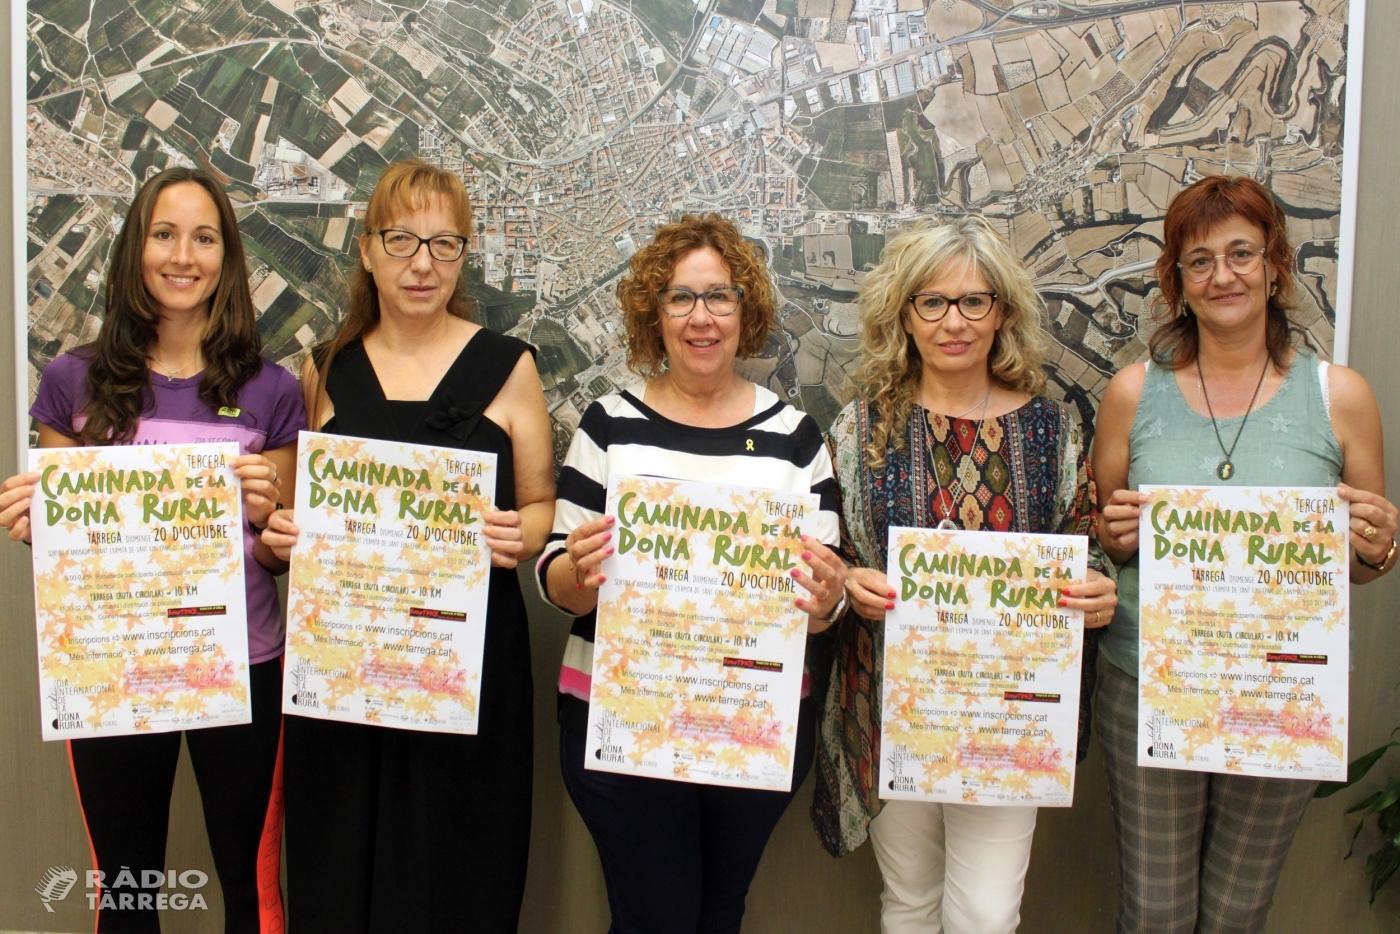 Tàrrega convoca la tercera edició de la Caminada de la Dona Rural el diumenge 20 d'octubre